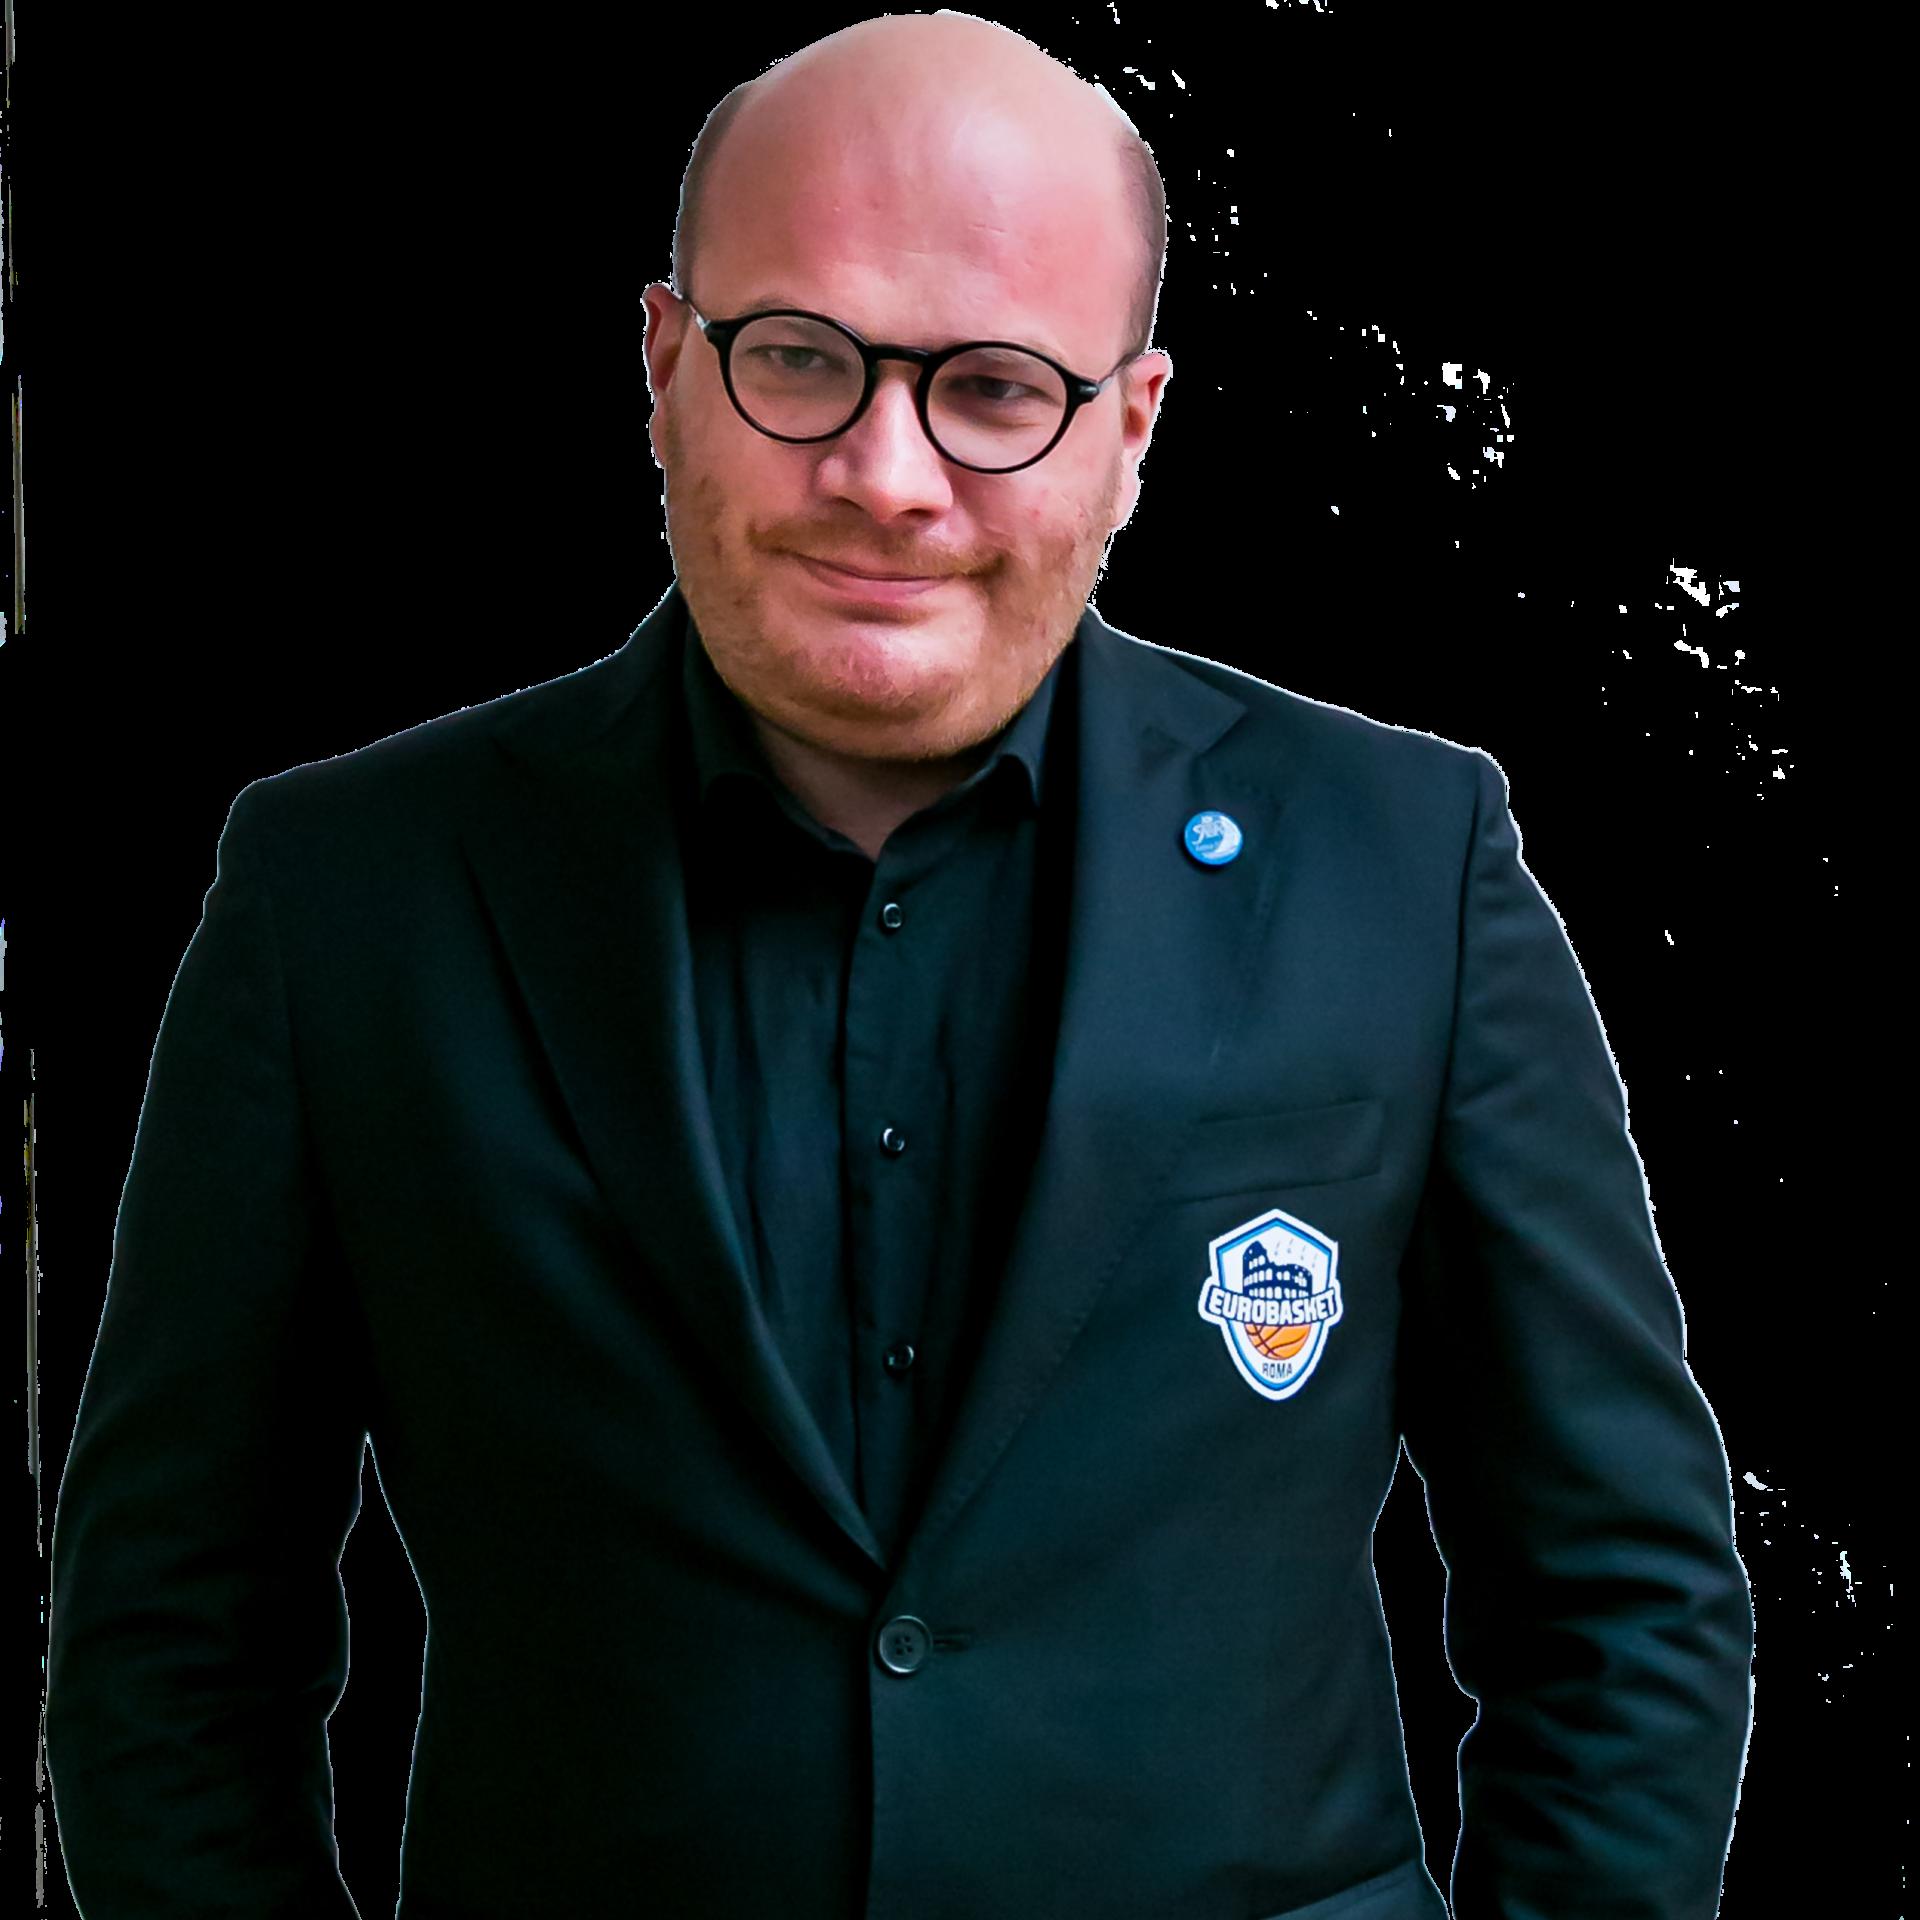 Giuseppe Agostini